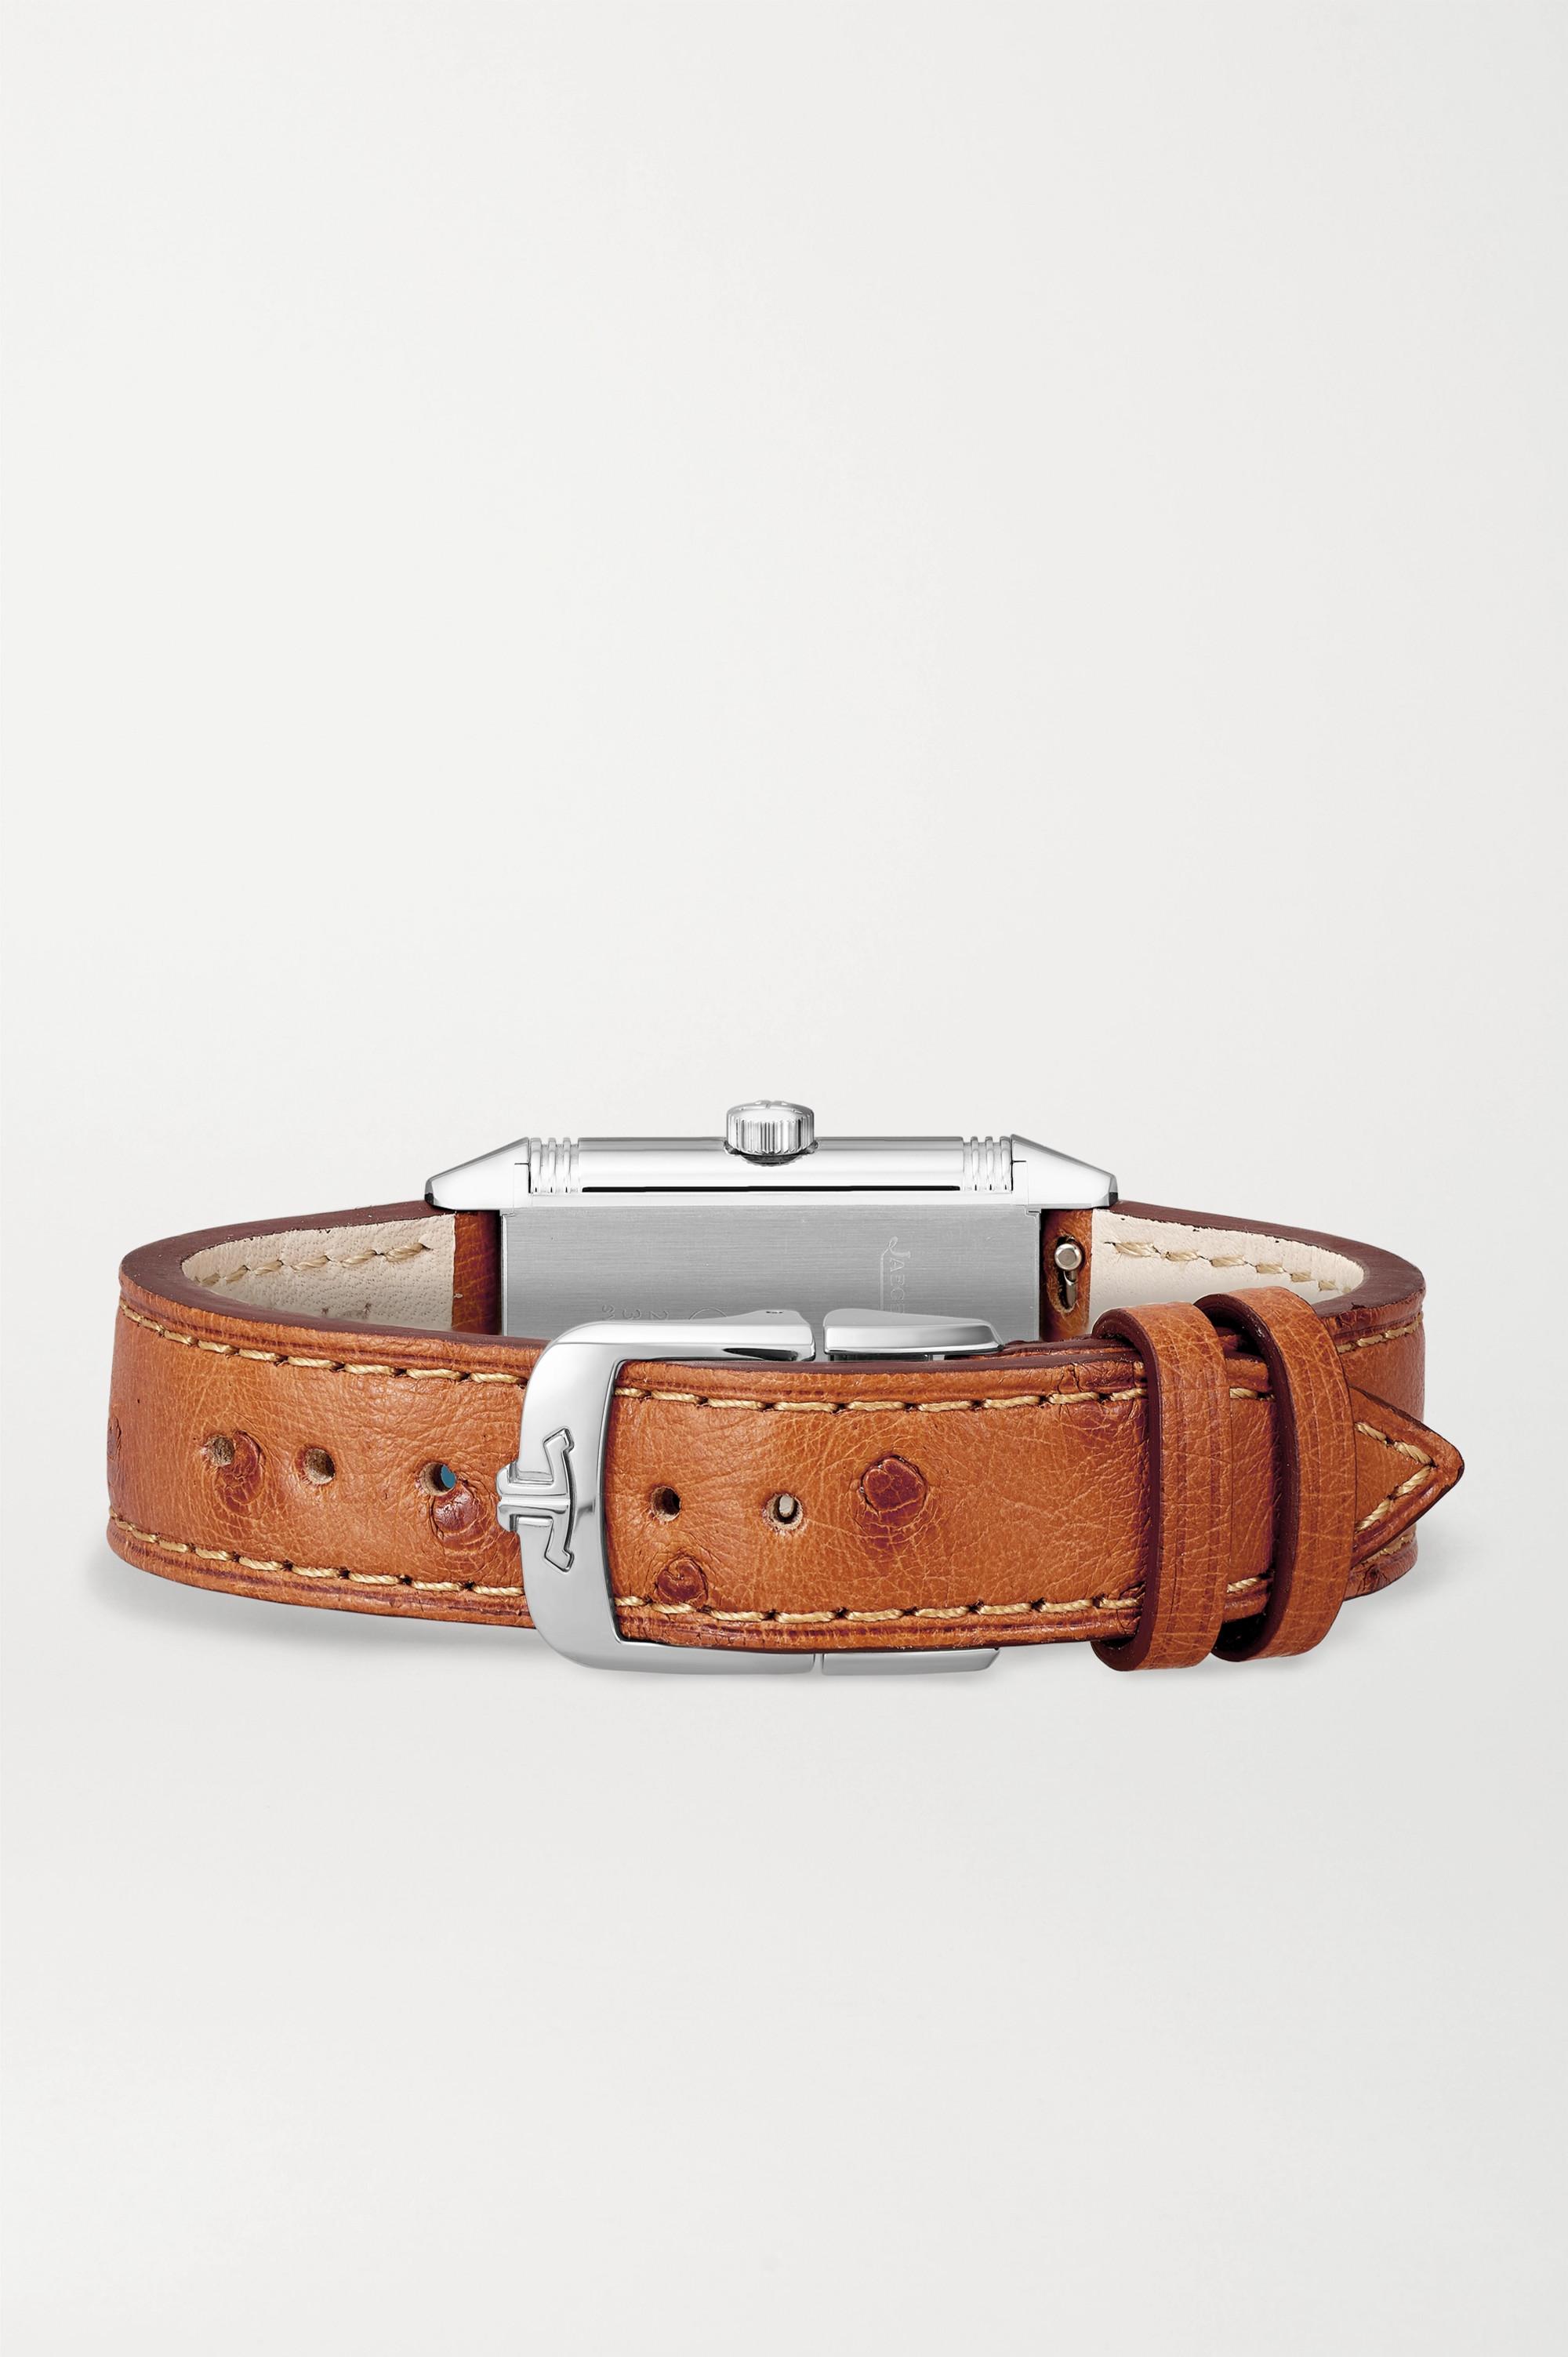 Jaeger-LeCoultre Montre à remontage manuel en acier inoxydable à bracelet en cuir d'autruche Reverso Classic Small 21 mm